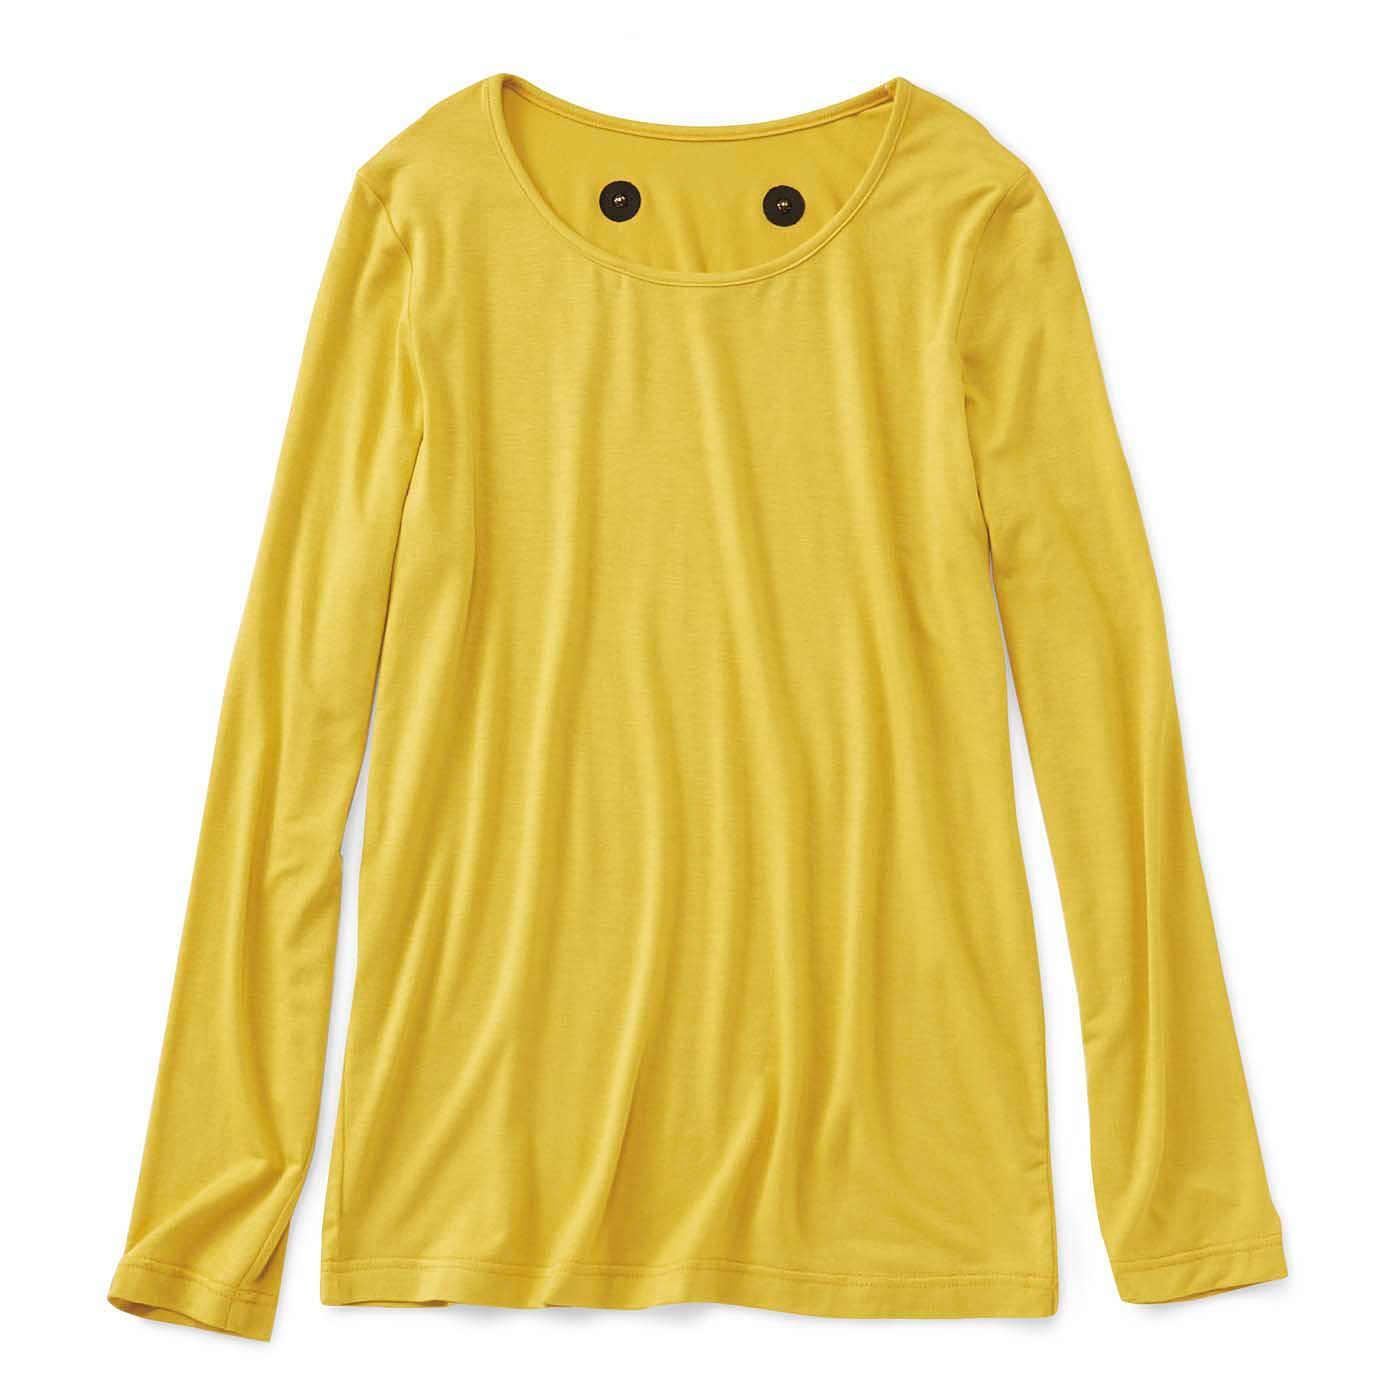 フェリシモ じんわりコリほぐし 肩こりさんのための磁気長袖トップス〈マスタード〉